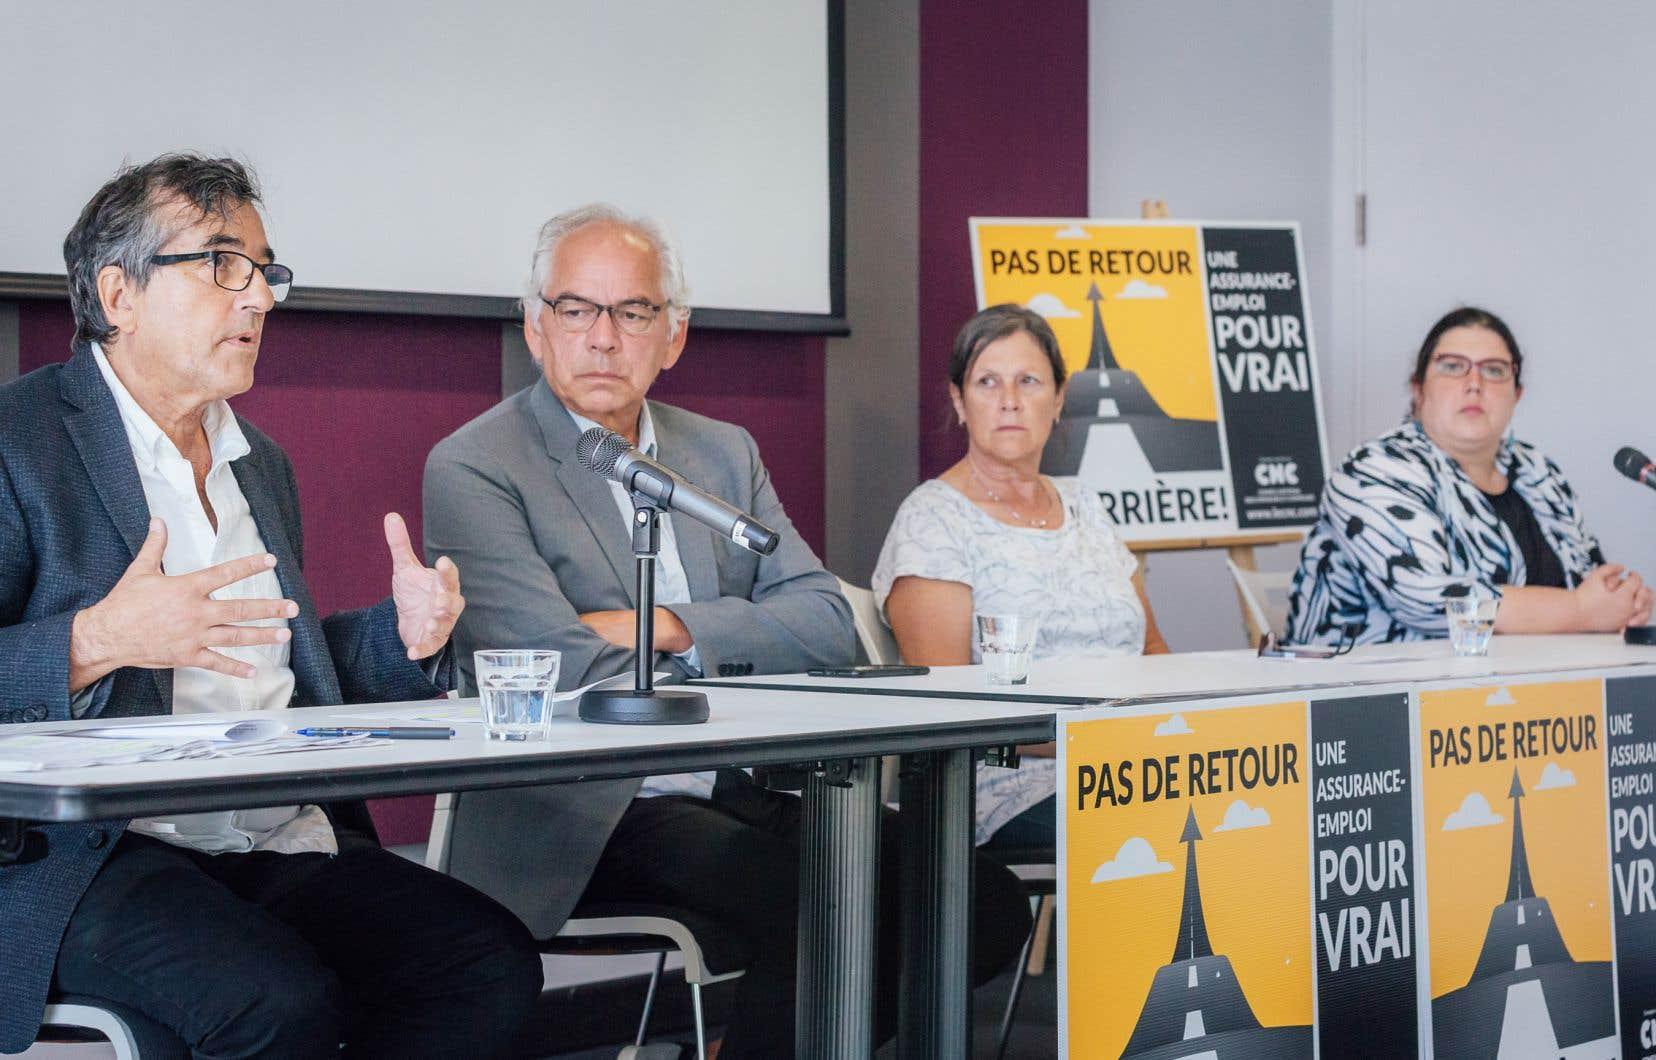 Le Conseil national des chômeurs et chômeuses a tenu une conférence de presse afin de réclamer aux partis fédéraux une refonte du programme de l'assurance-emploi.